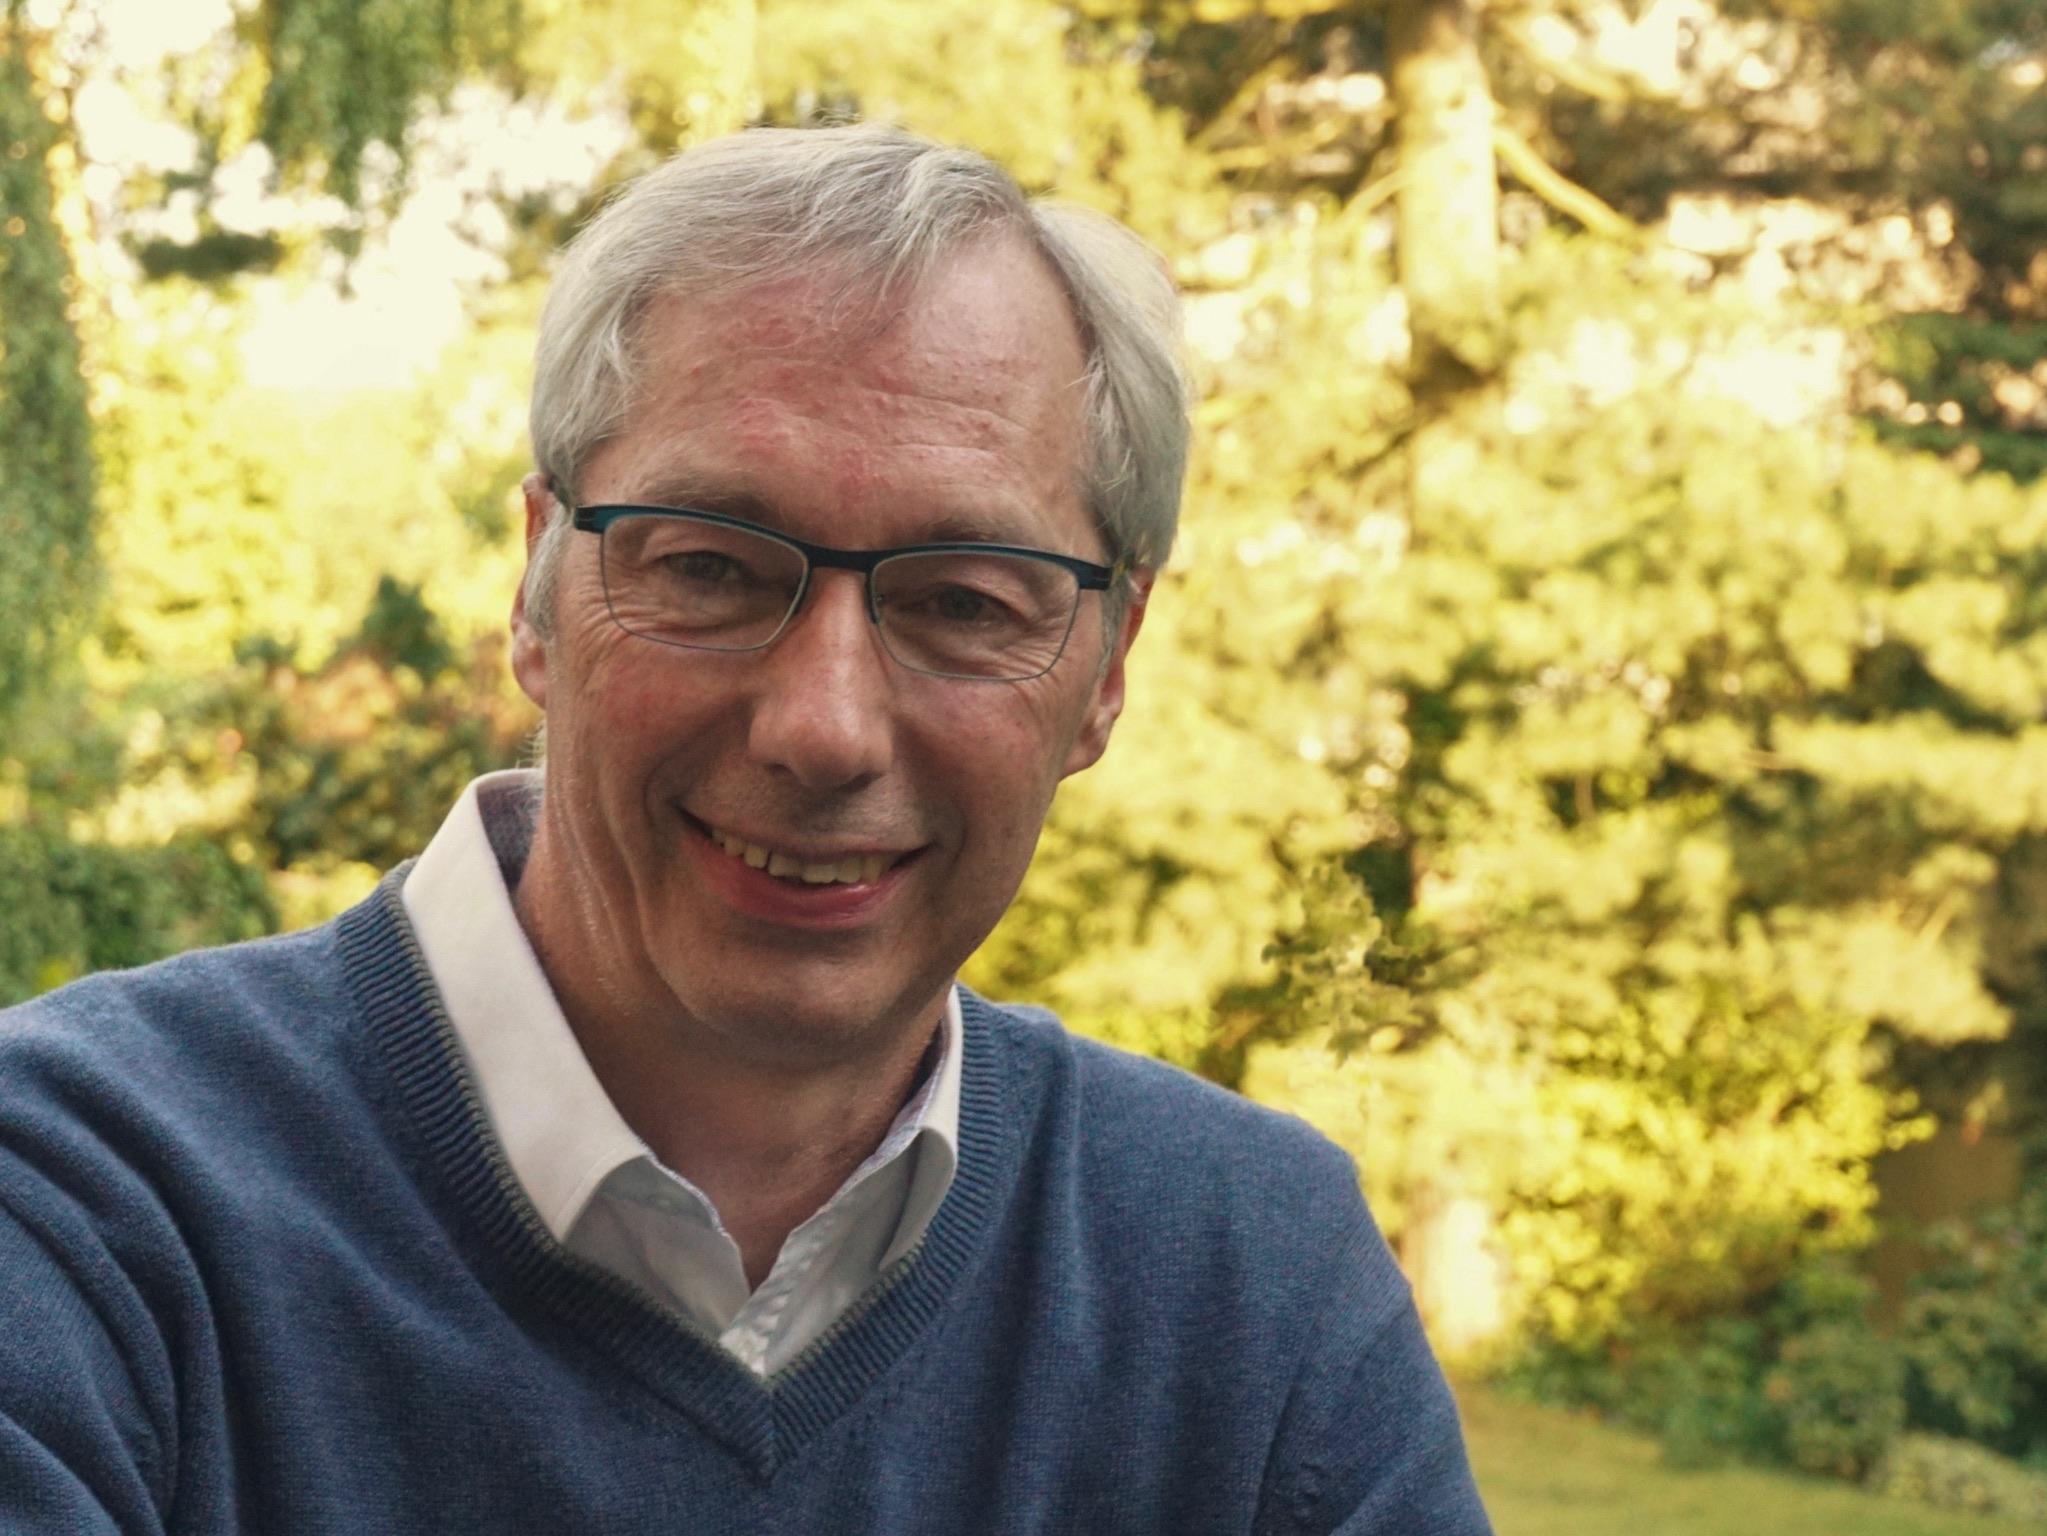 Kurzporträt Eckhard Kneisel -Unser Direktkandidat im Wahlkreis Unna II